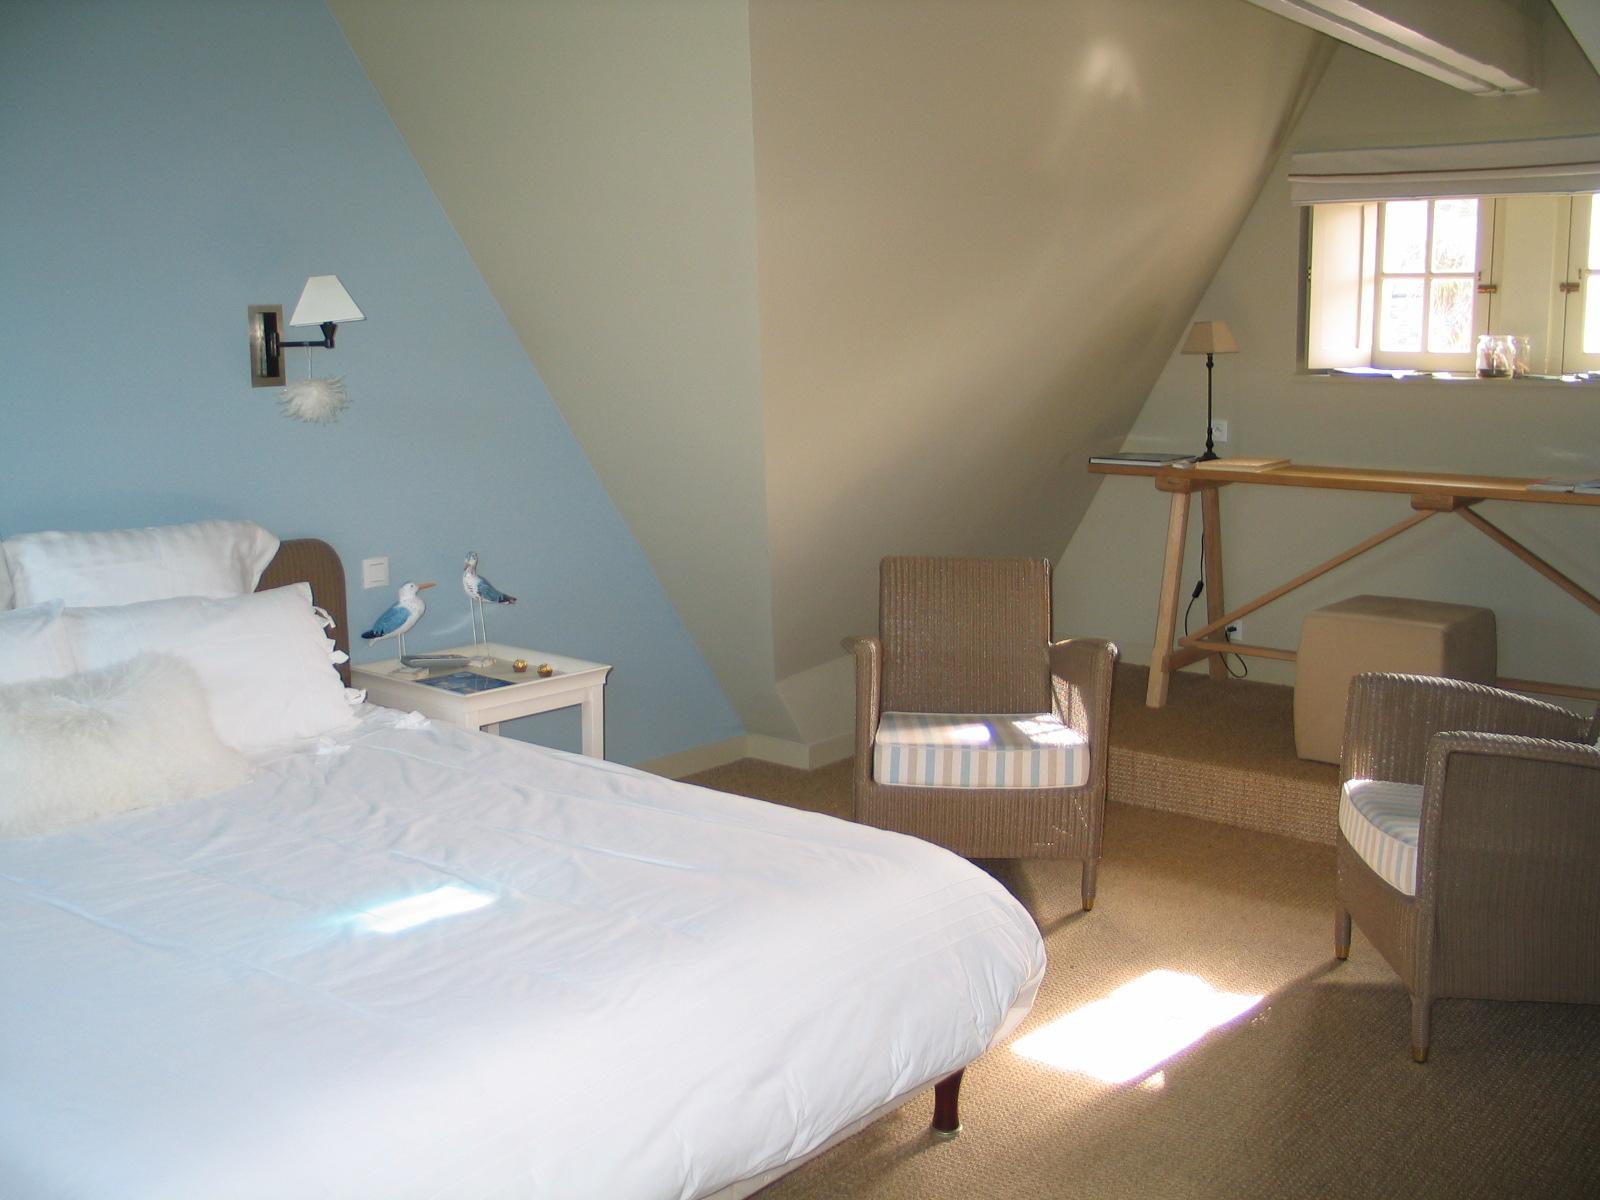 Chambre comble de r ves chambres d 39 h tes le vieux logis for Chambre d hote saint sulpice